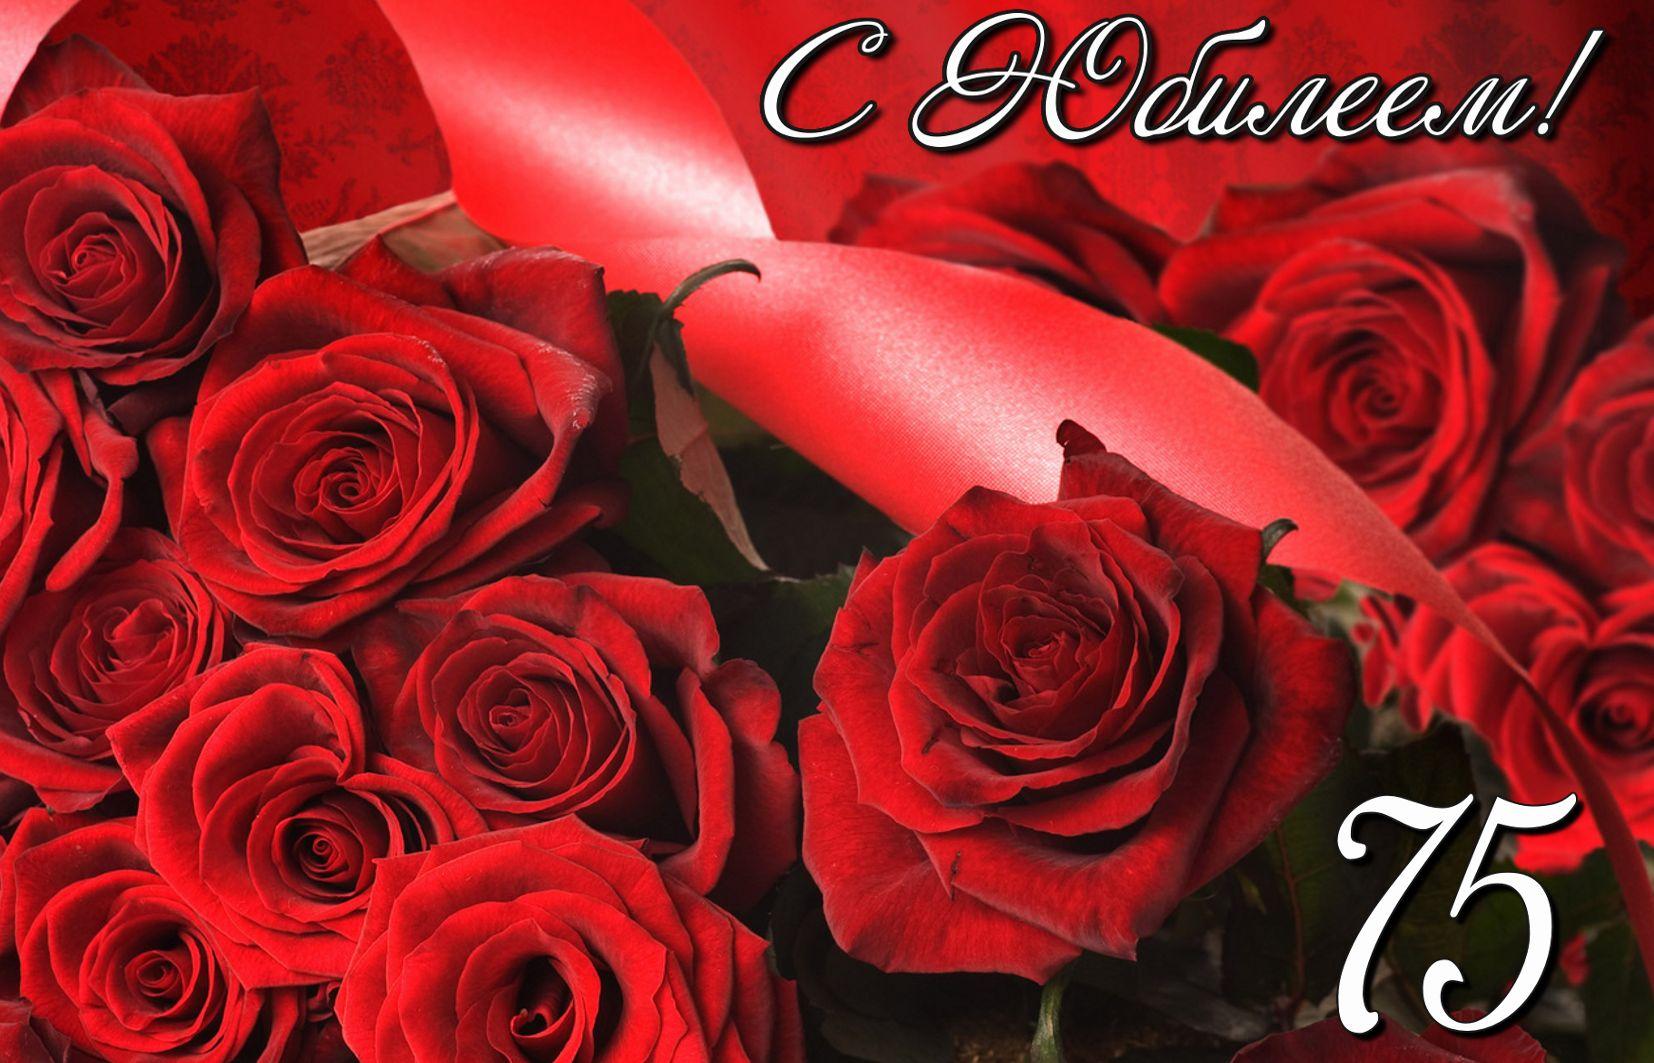 Открытка на 75 лет - розы на юбилей в красном оформлении